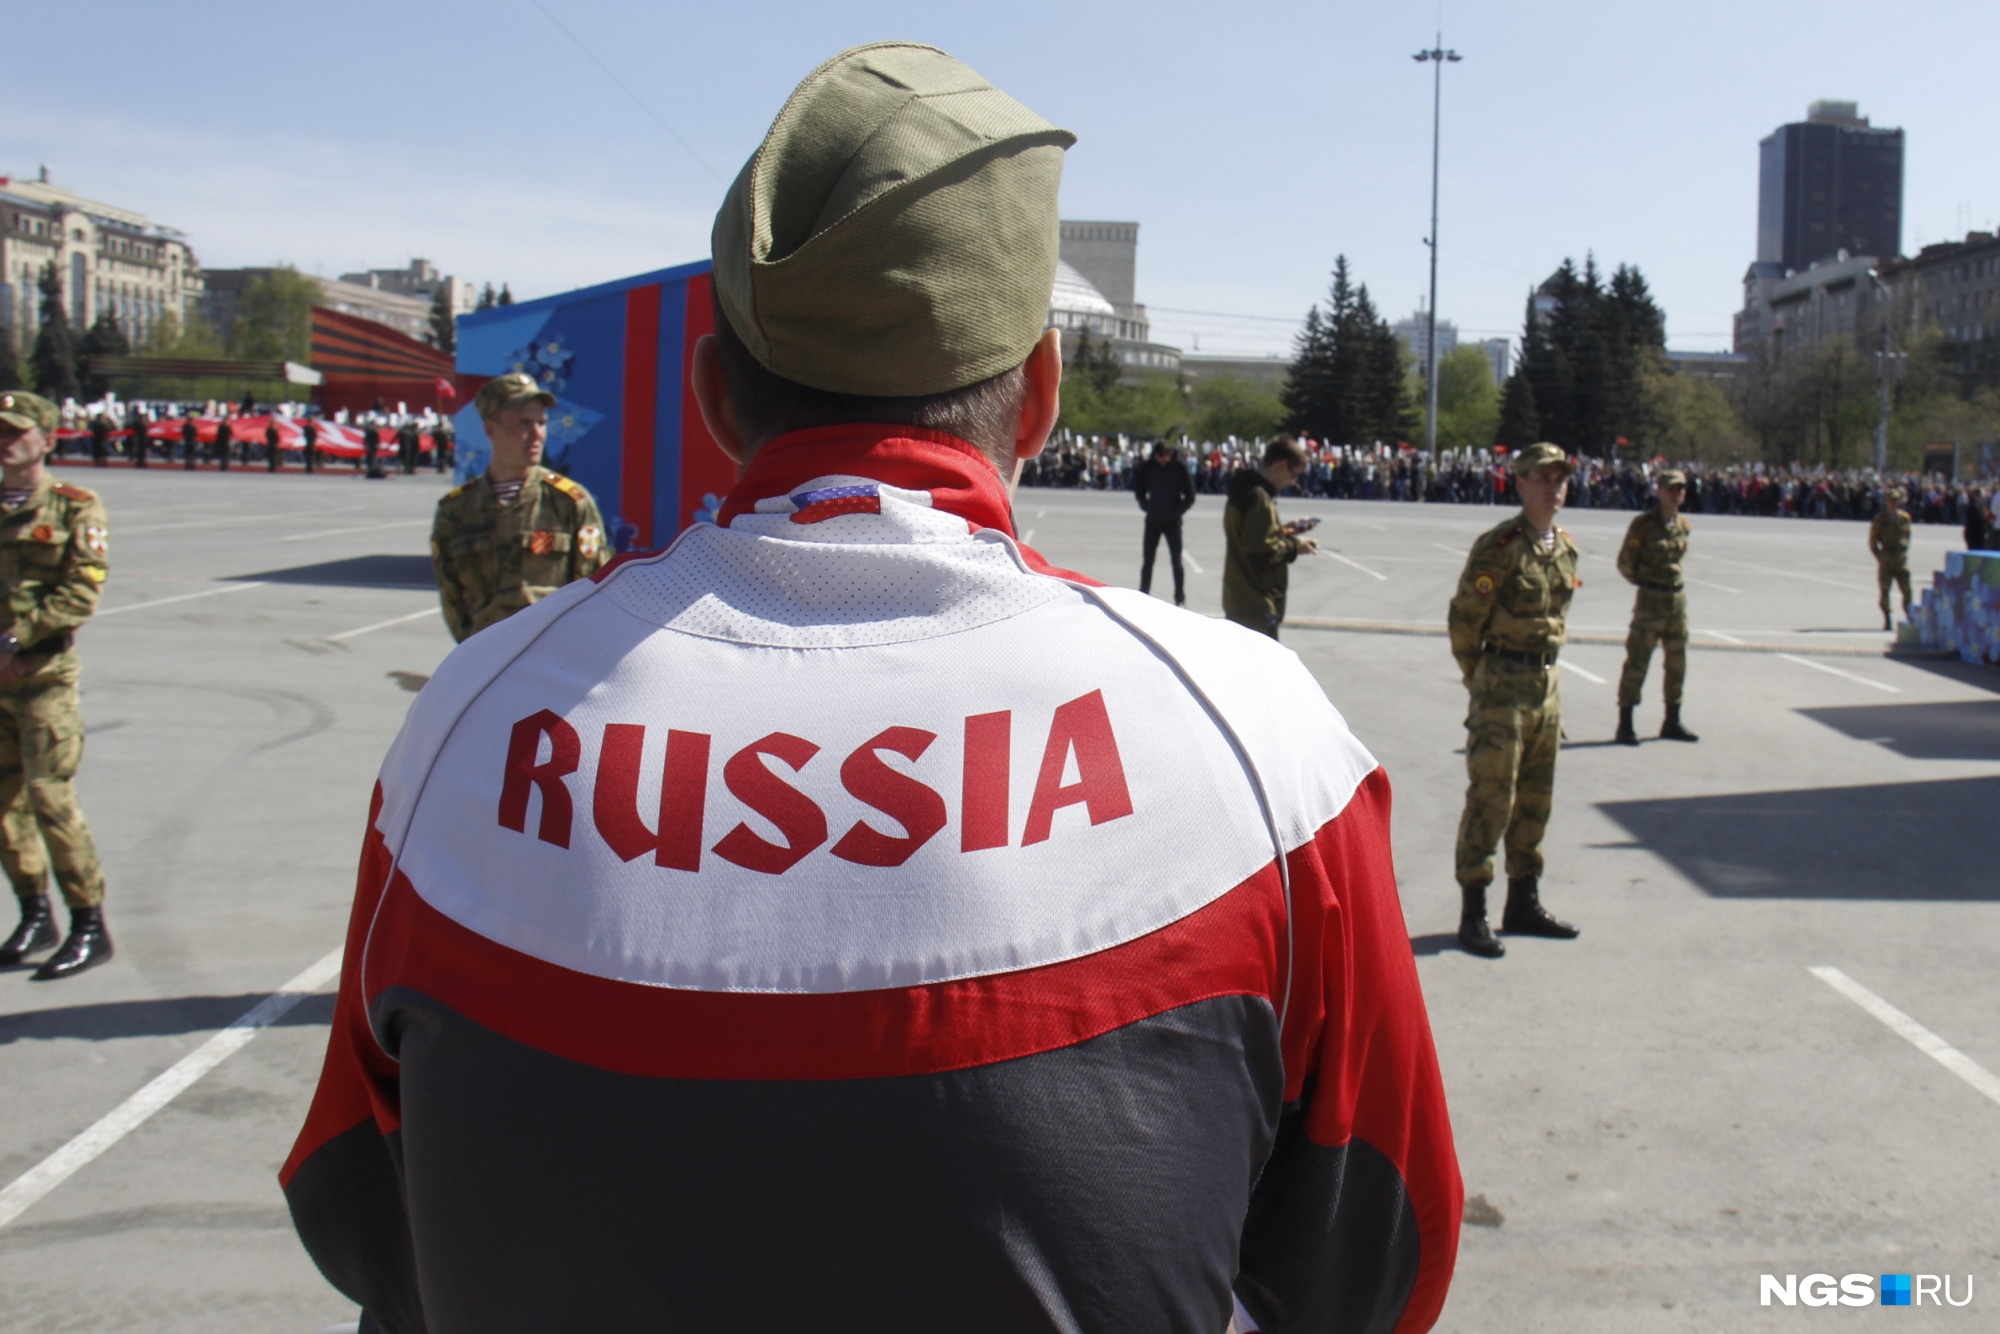 Российское Можем повторить  это ужасно: жесткая колонка о том, как Великую Победу превратили в шоу